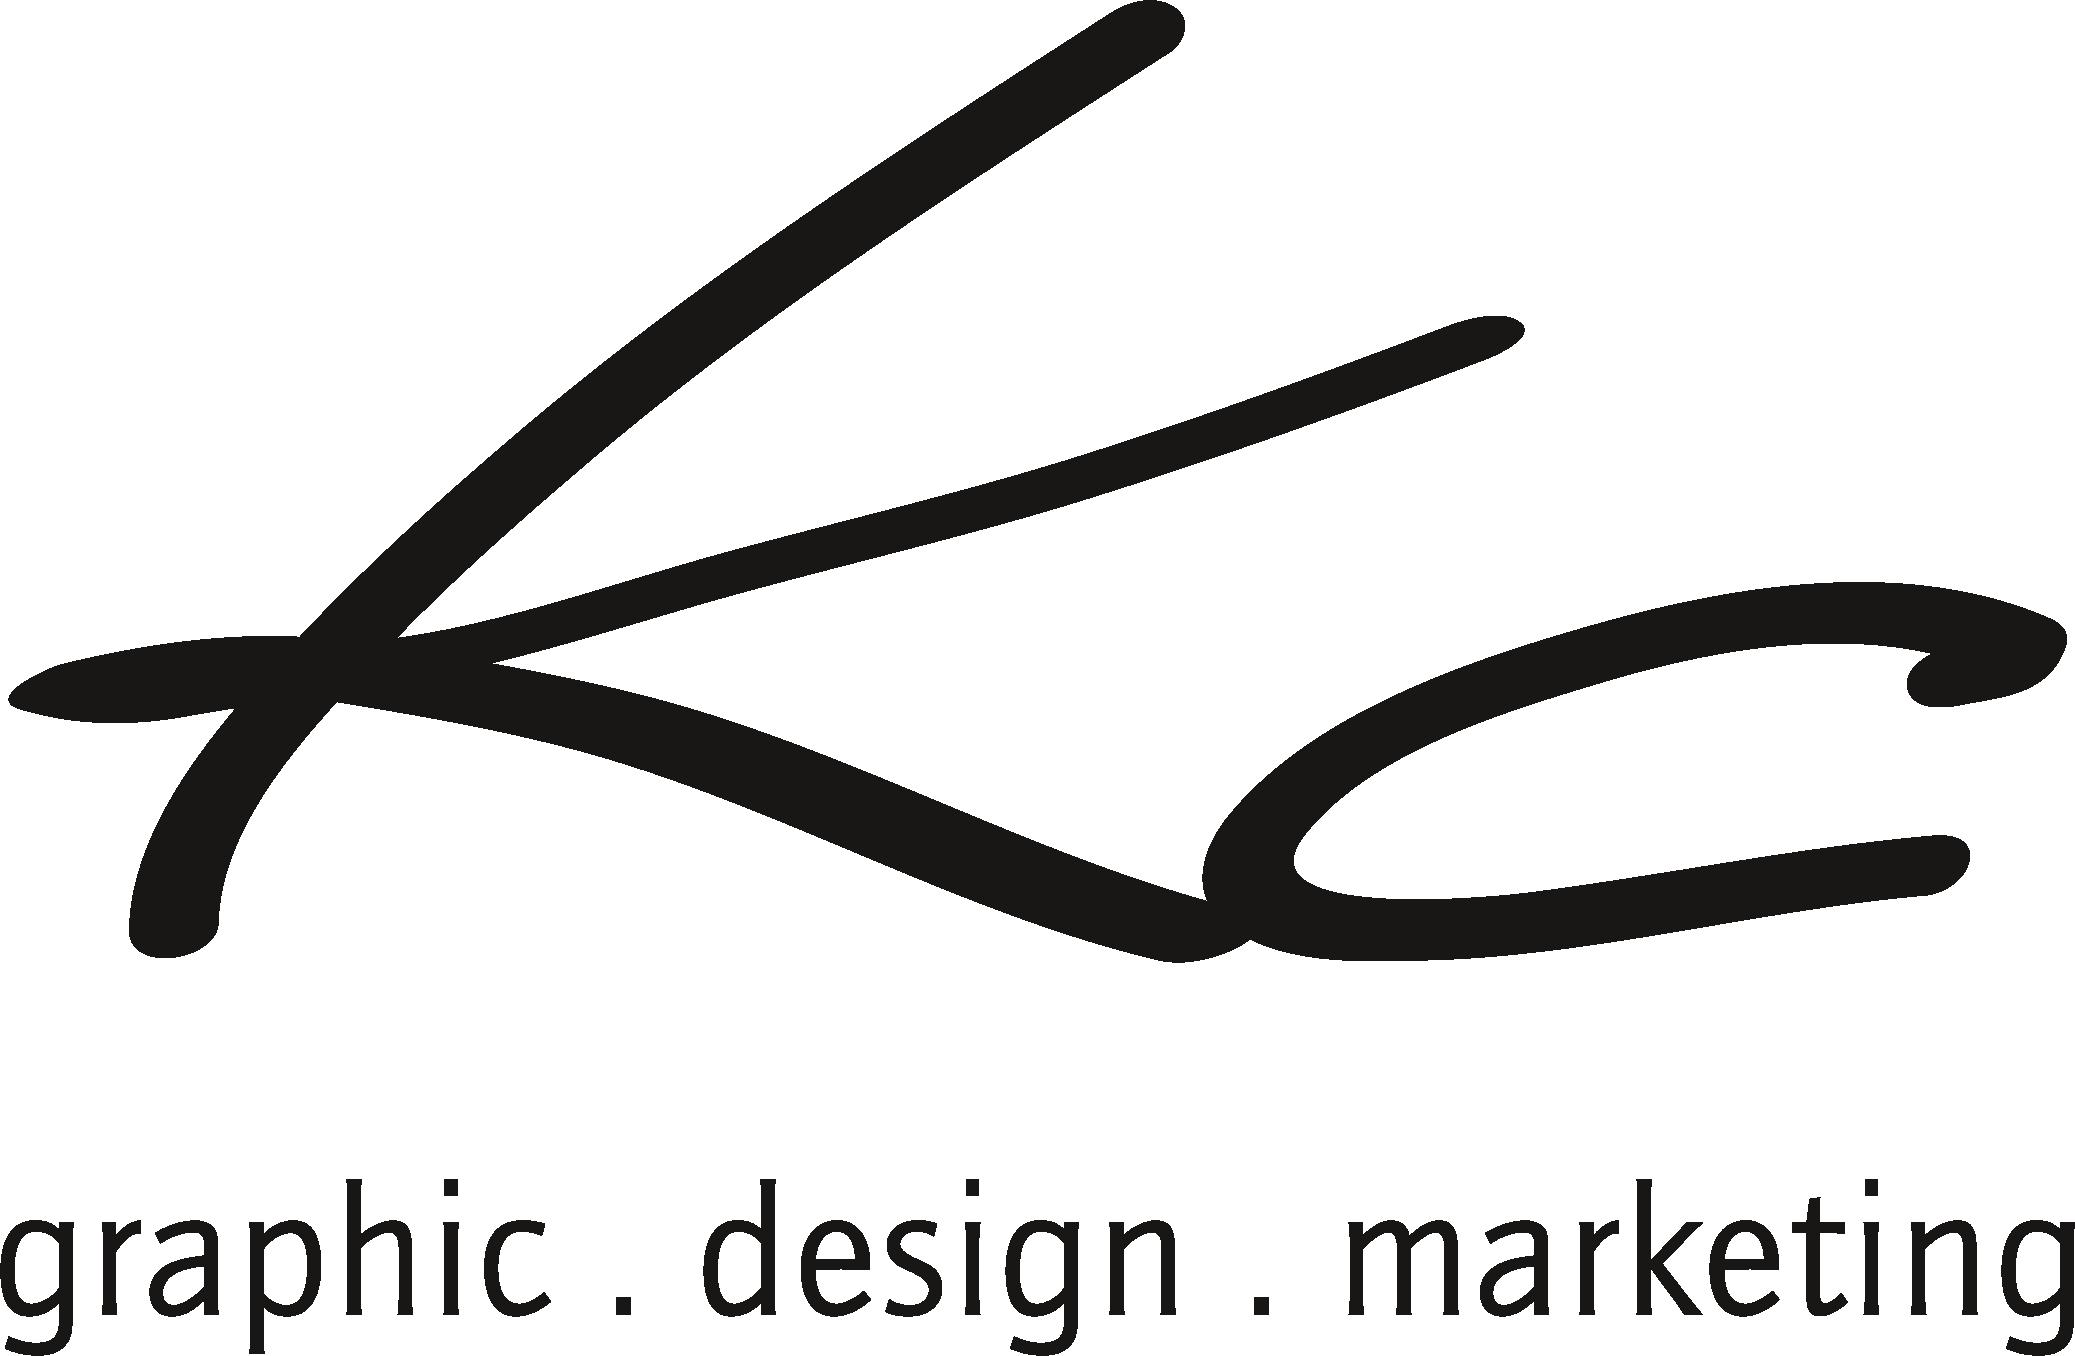 kc-graphics